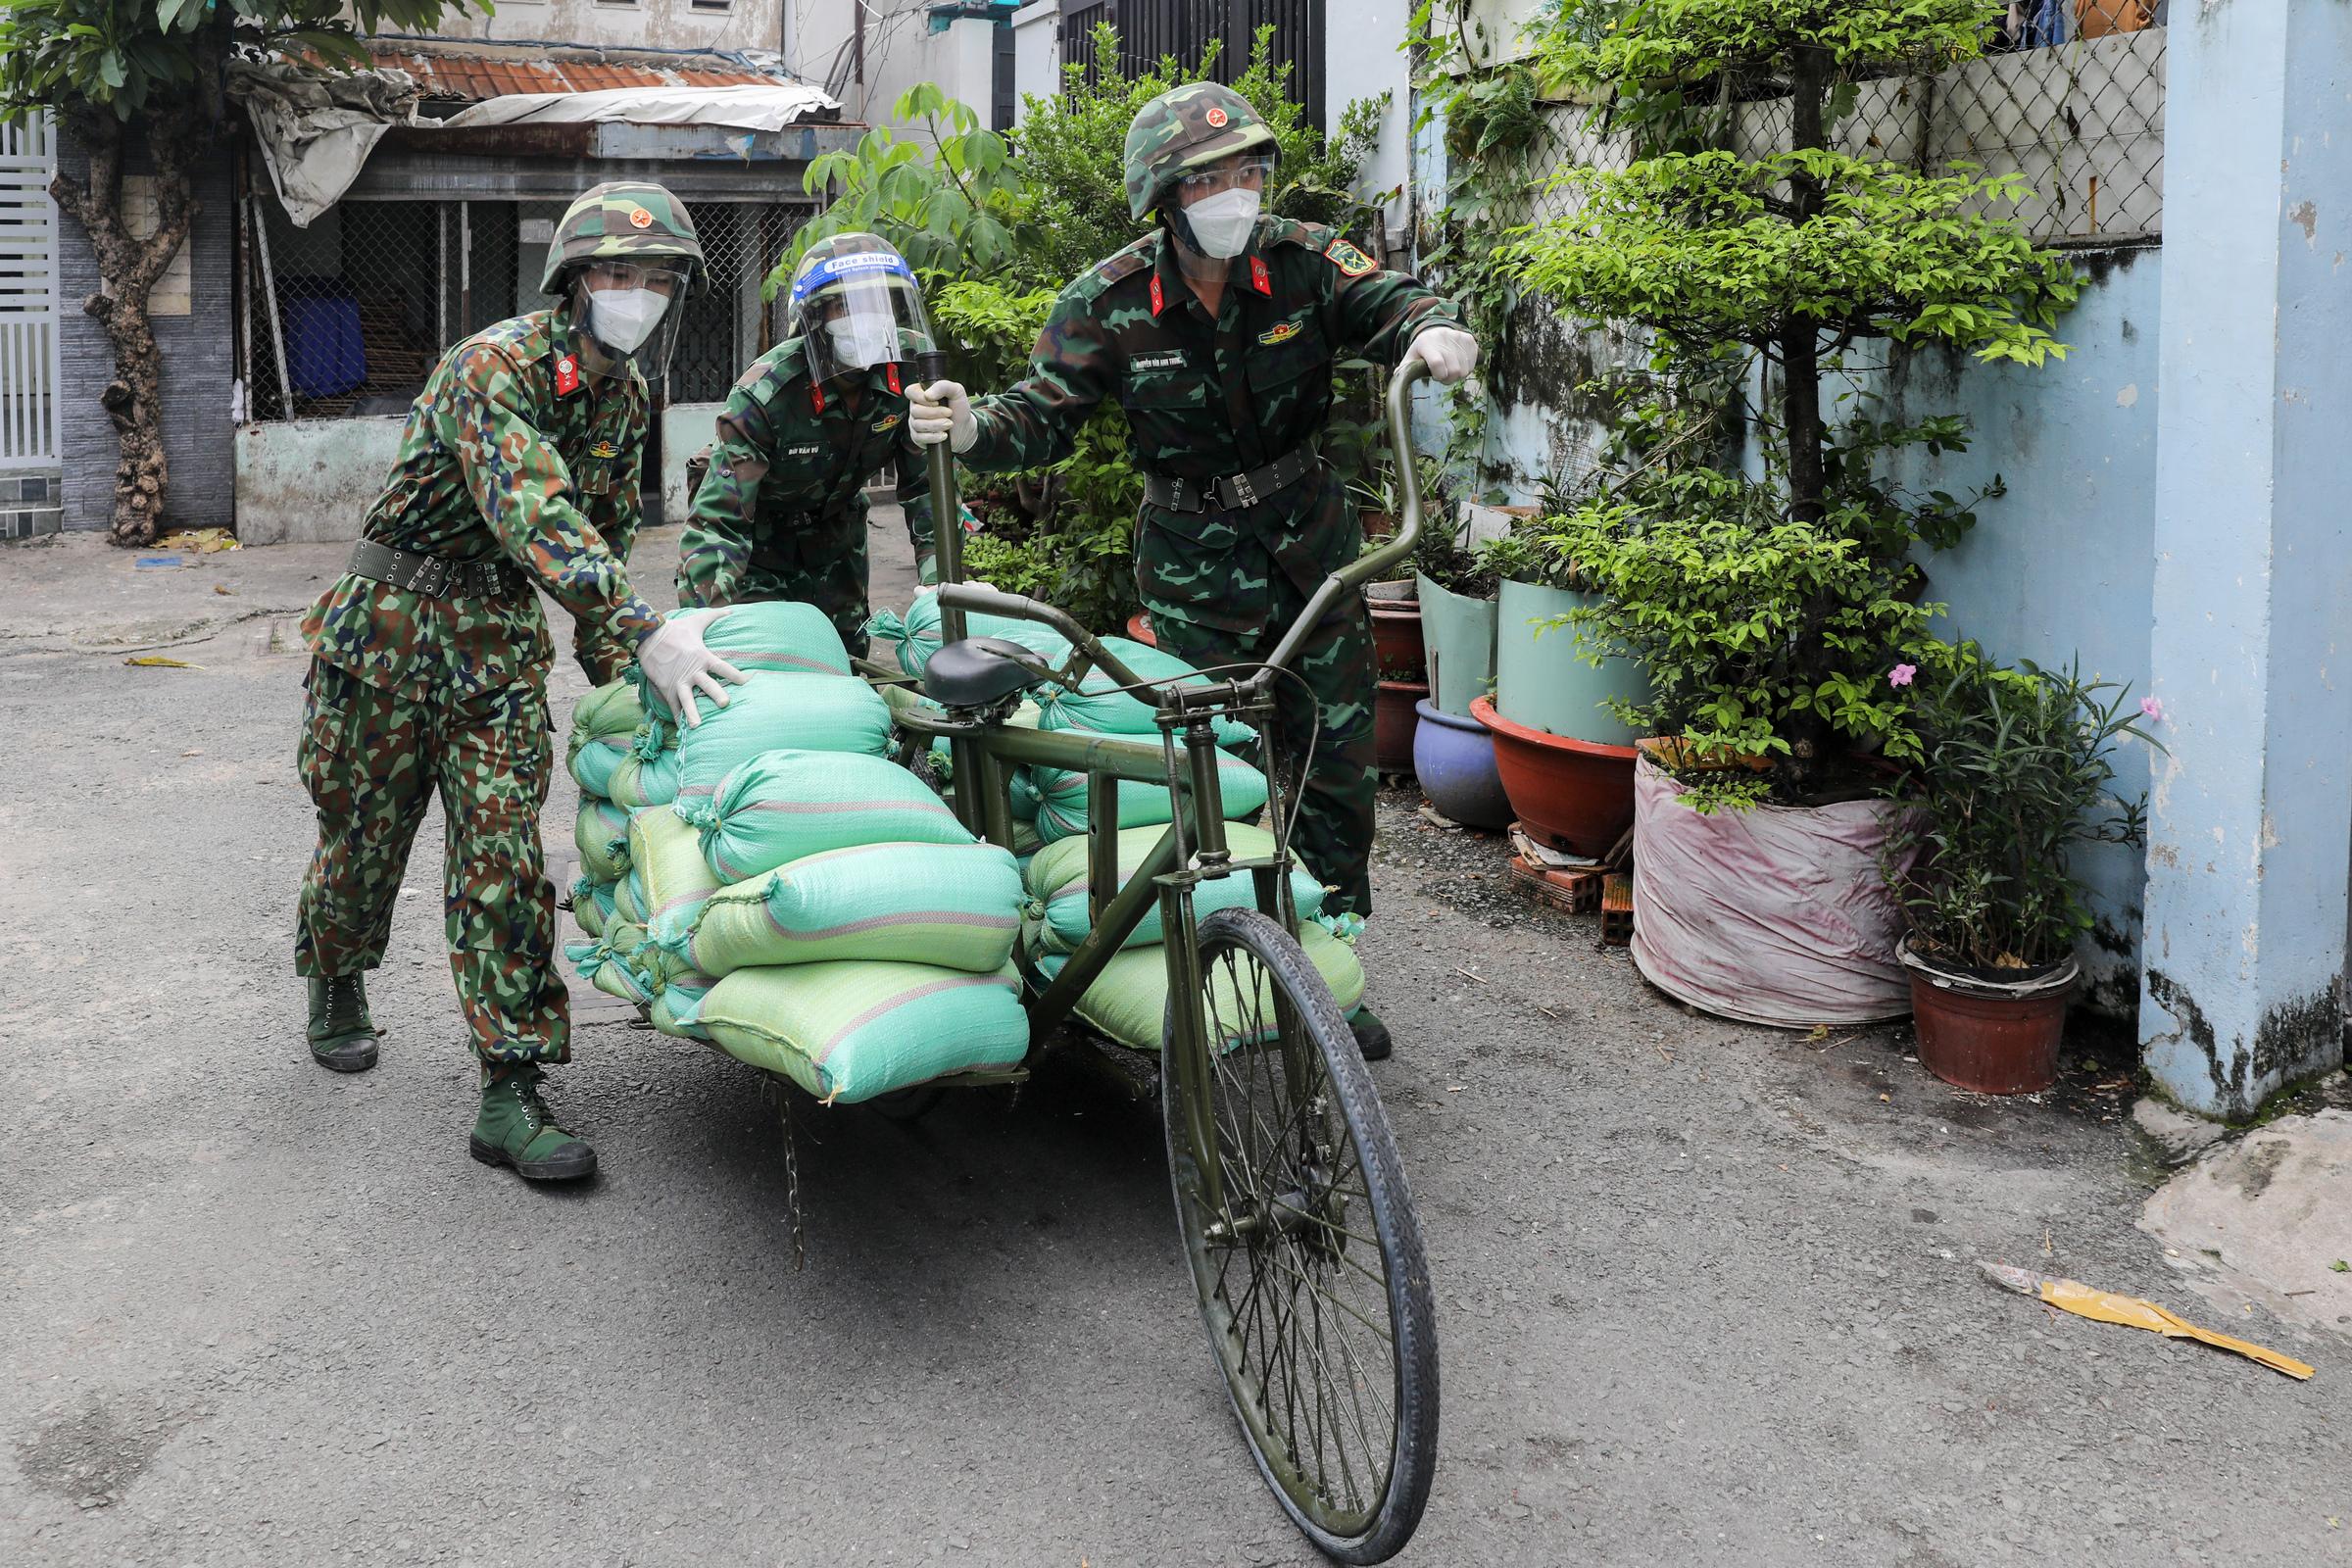 Bộ đội dùng xe đạp thồ tiếp tế thực phẩm cho người dân phường 2, quận Bình Thạnh, ngày 2/9/2021. Ảnh: Quỳnh Trần/VnExpress